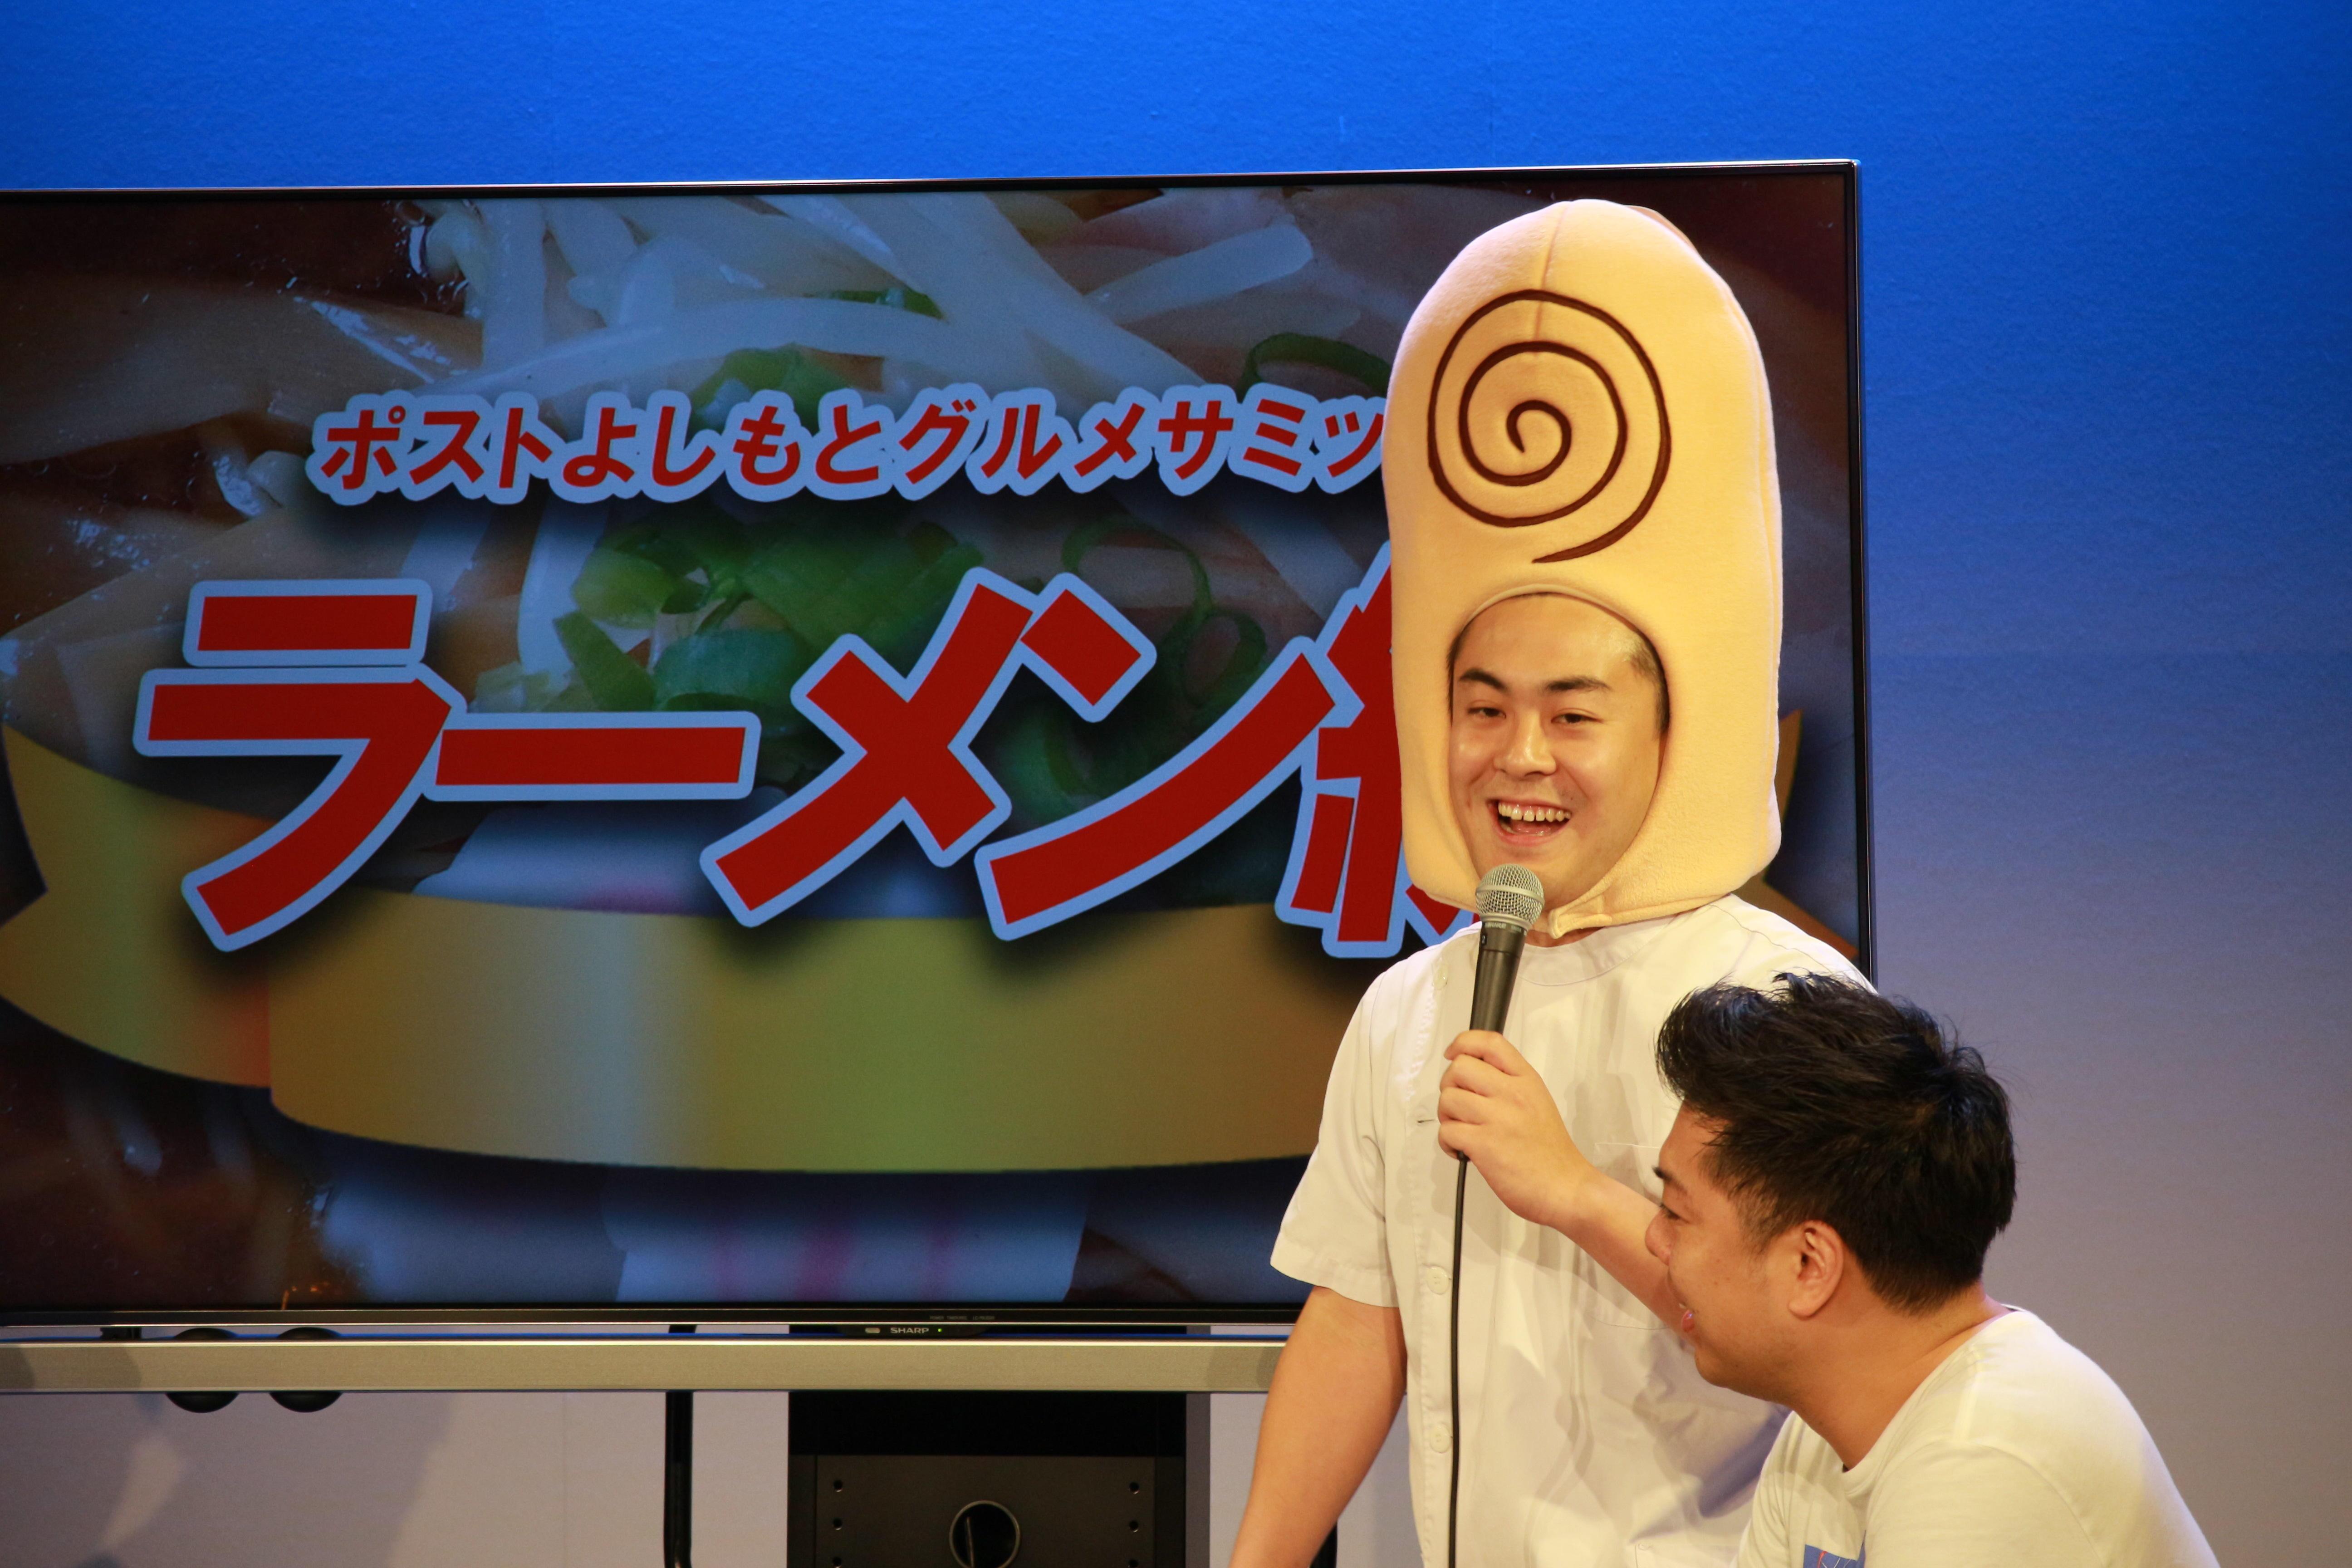 http://news.yoshimoto.co.jp/20180630023655-44e641e8ae976fb85334ec4ce3d70083ae4ac59f.jpg